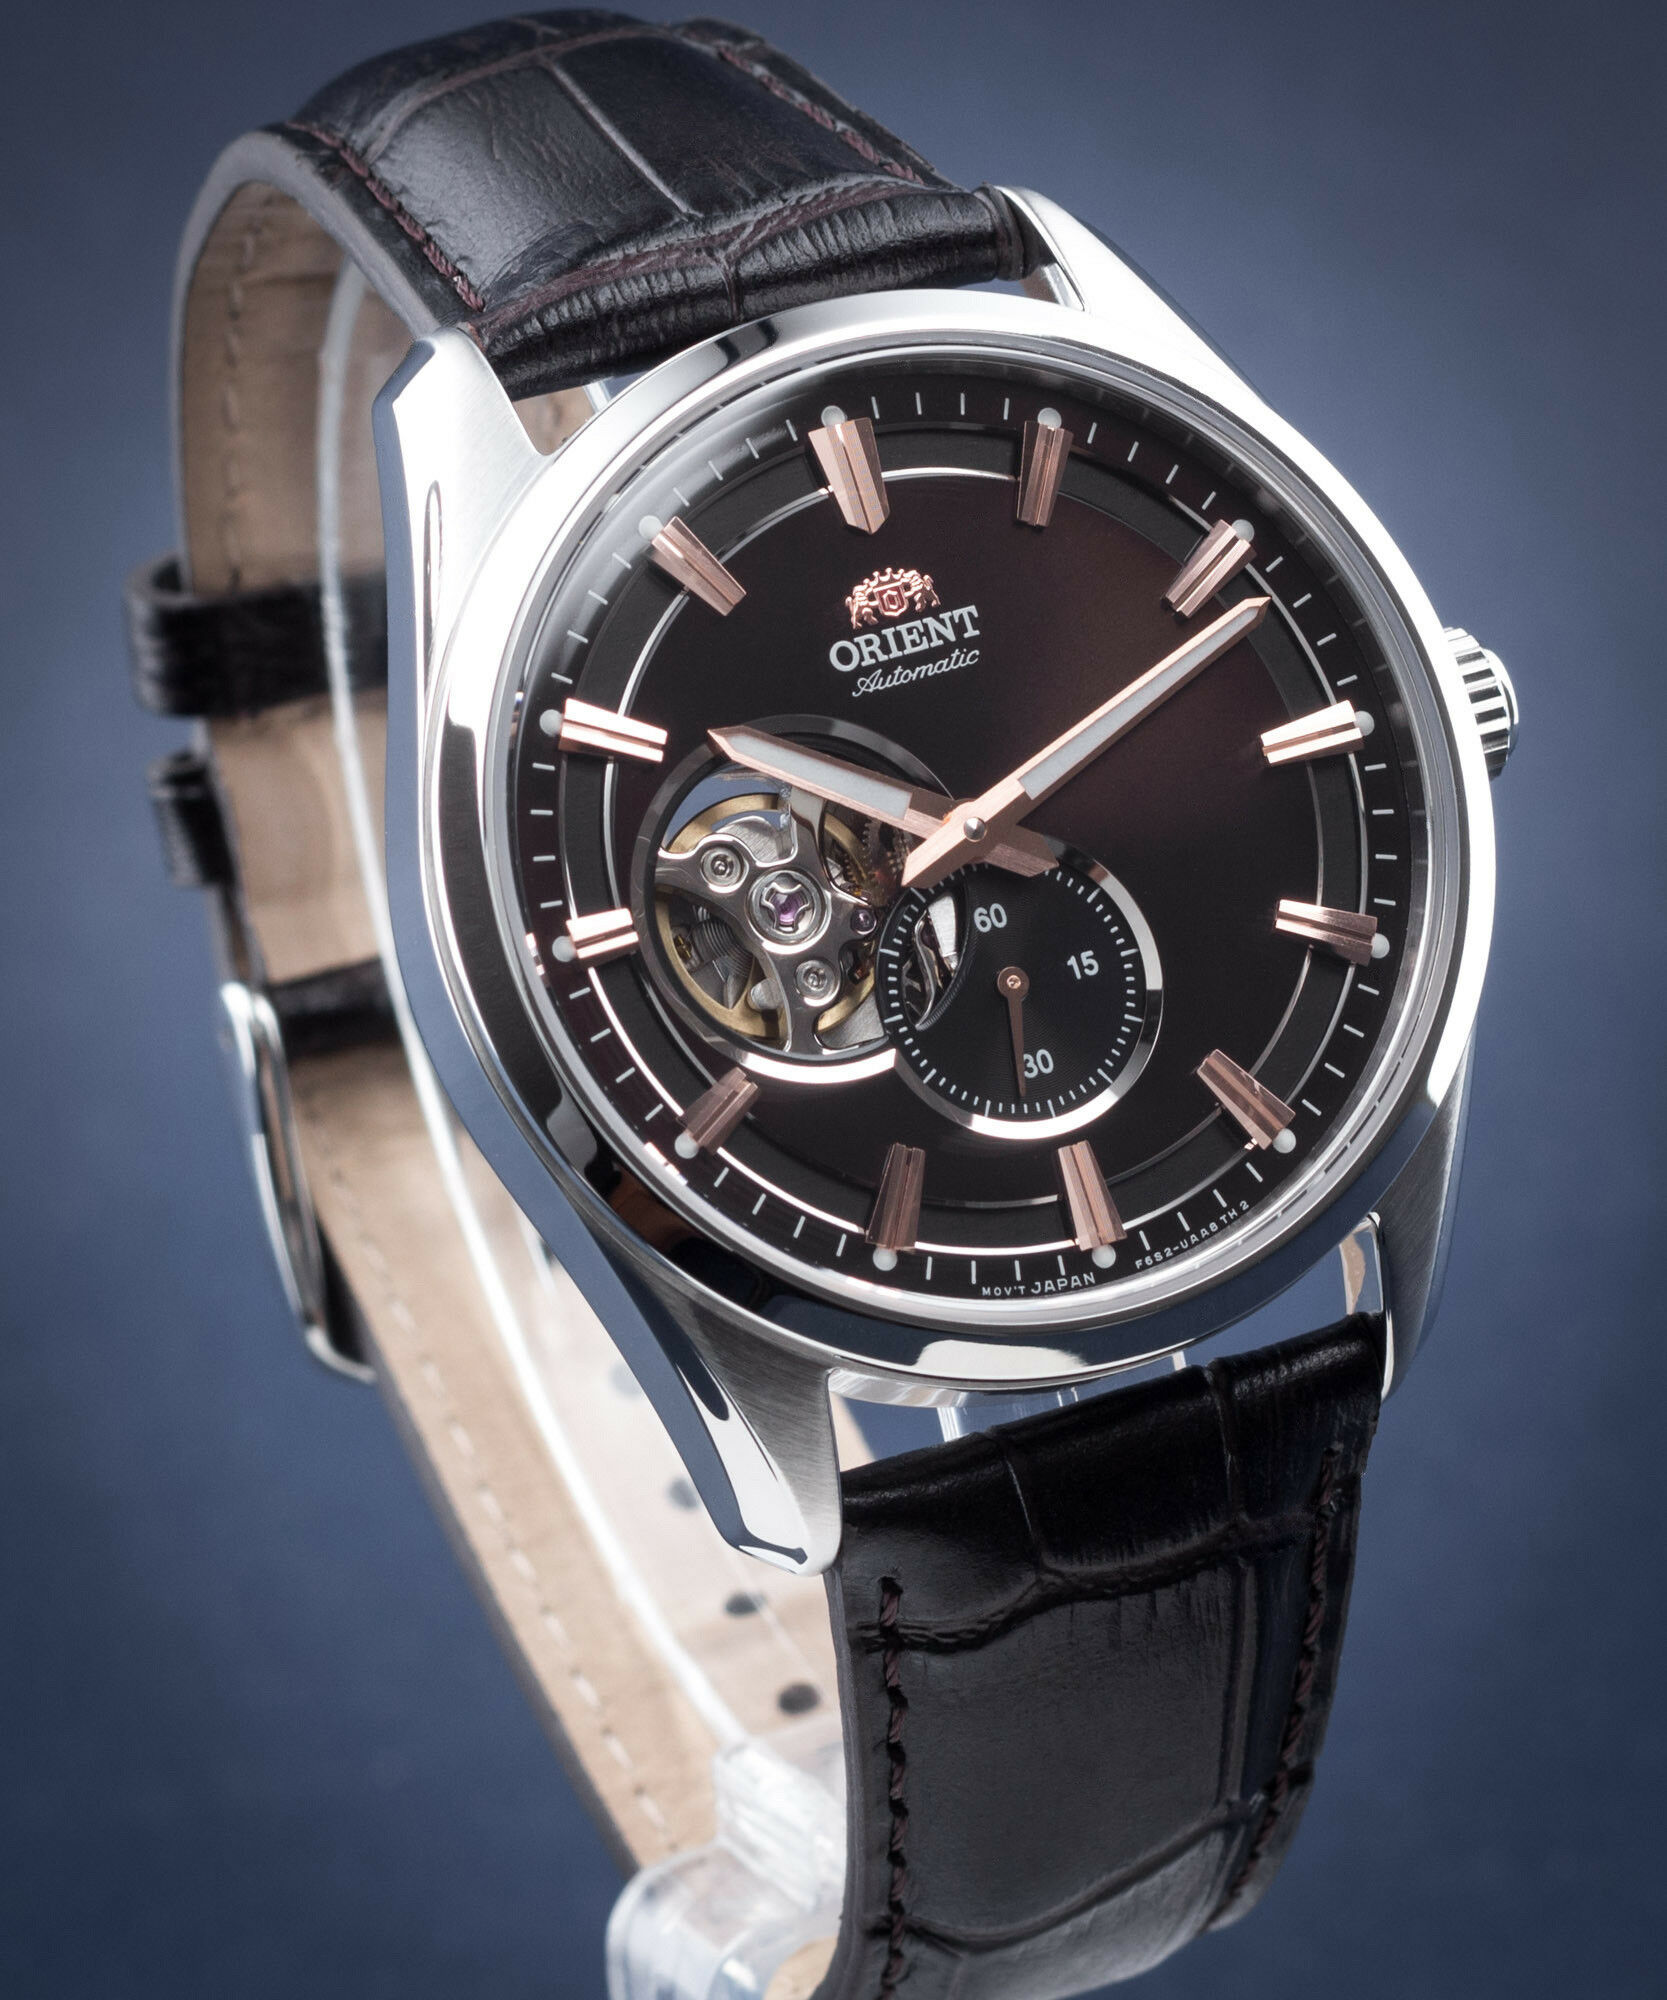 Zegarek Orient RA-AR0005Y10B Contemporary Mechanical Automatic - CENA DO NEGOCJACJI - DOSTAWA DHL GRATIS, KUPUJ BEZ RYZYKA - 100 dni na zwrot, możliwość wygrawerowania dowolnego tekstu.